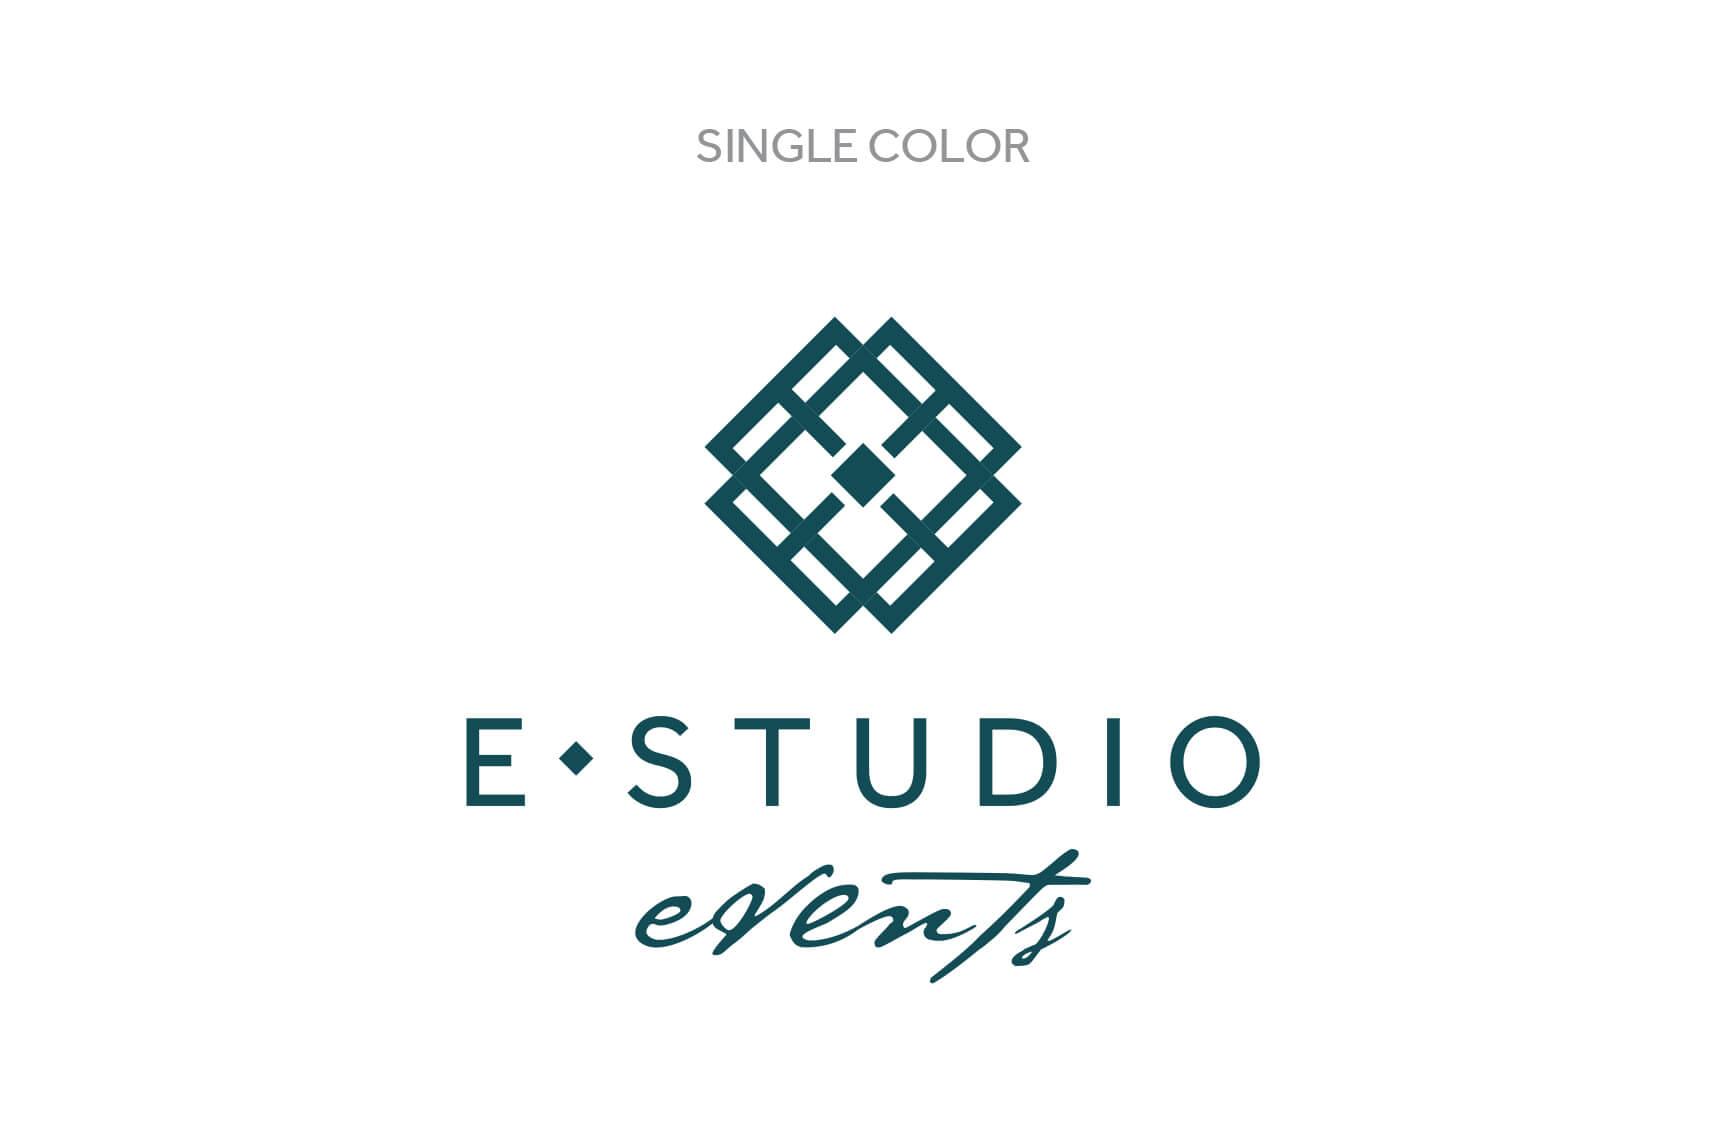 E Studio Events Single Color Logo